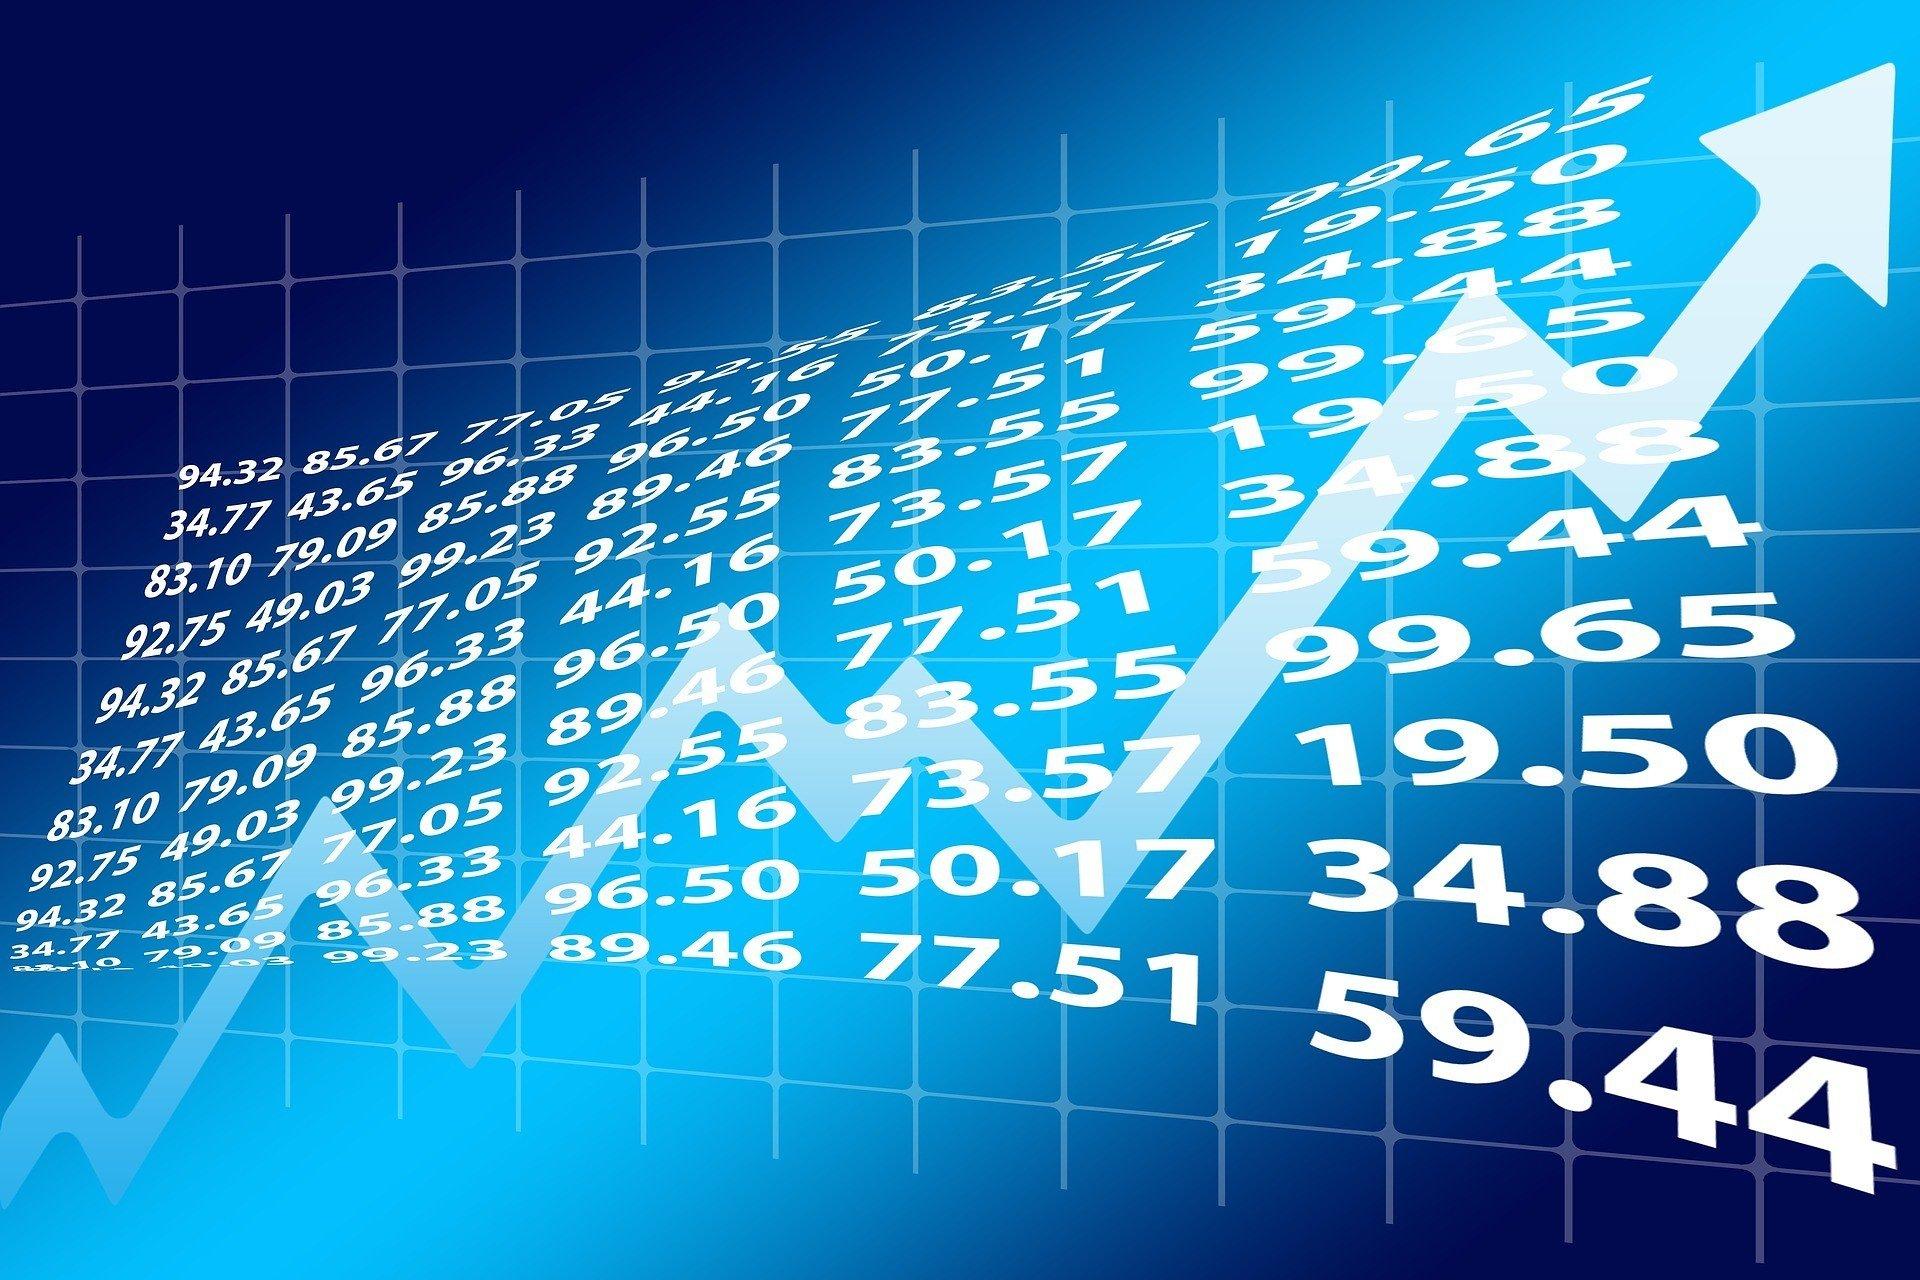 Падение ВВП Украины: в ICU подвели итоги